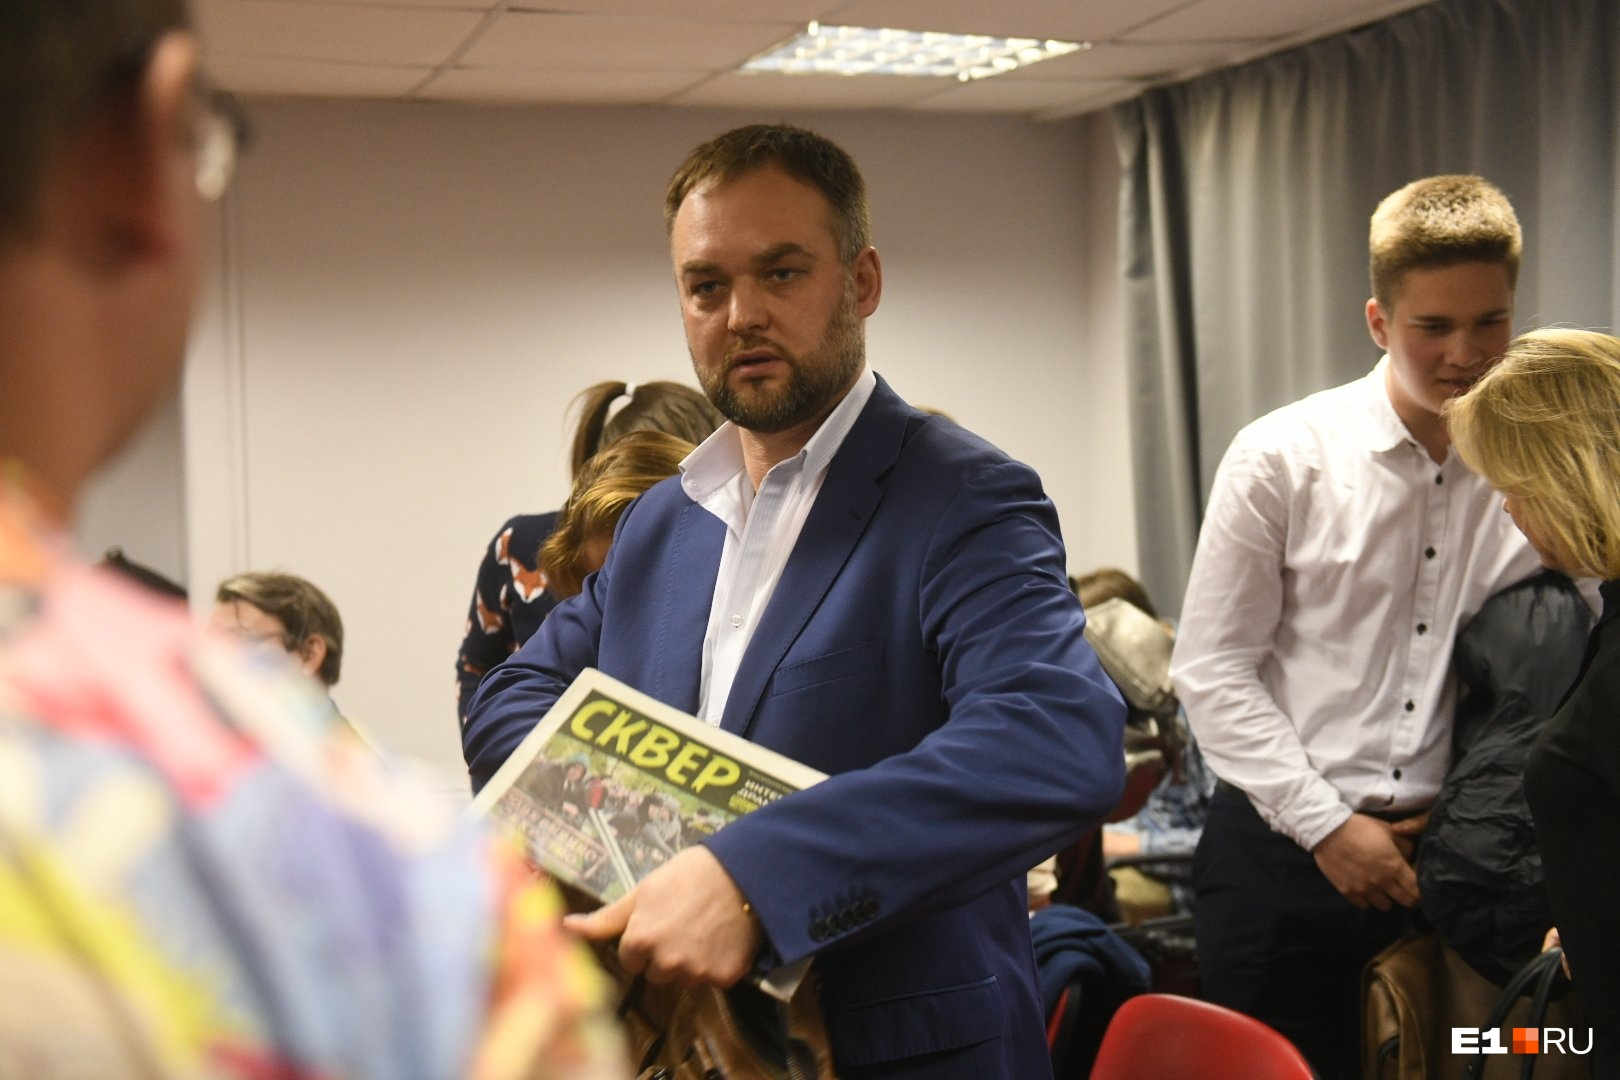 Юрист Иван Волков хочет провести областной референдум о возвращении прямых выборов мэра